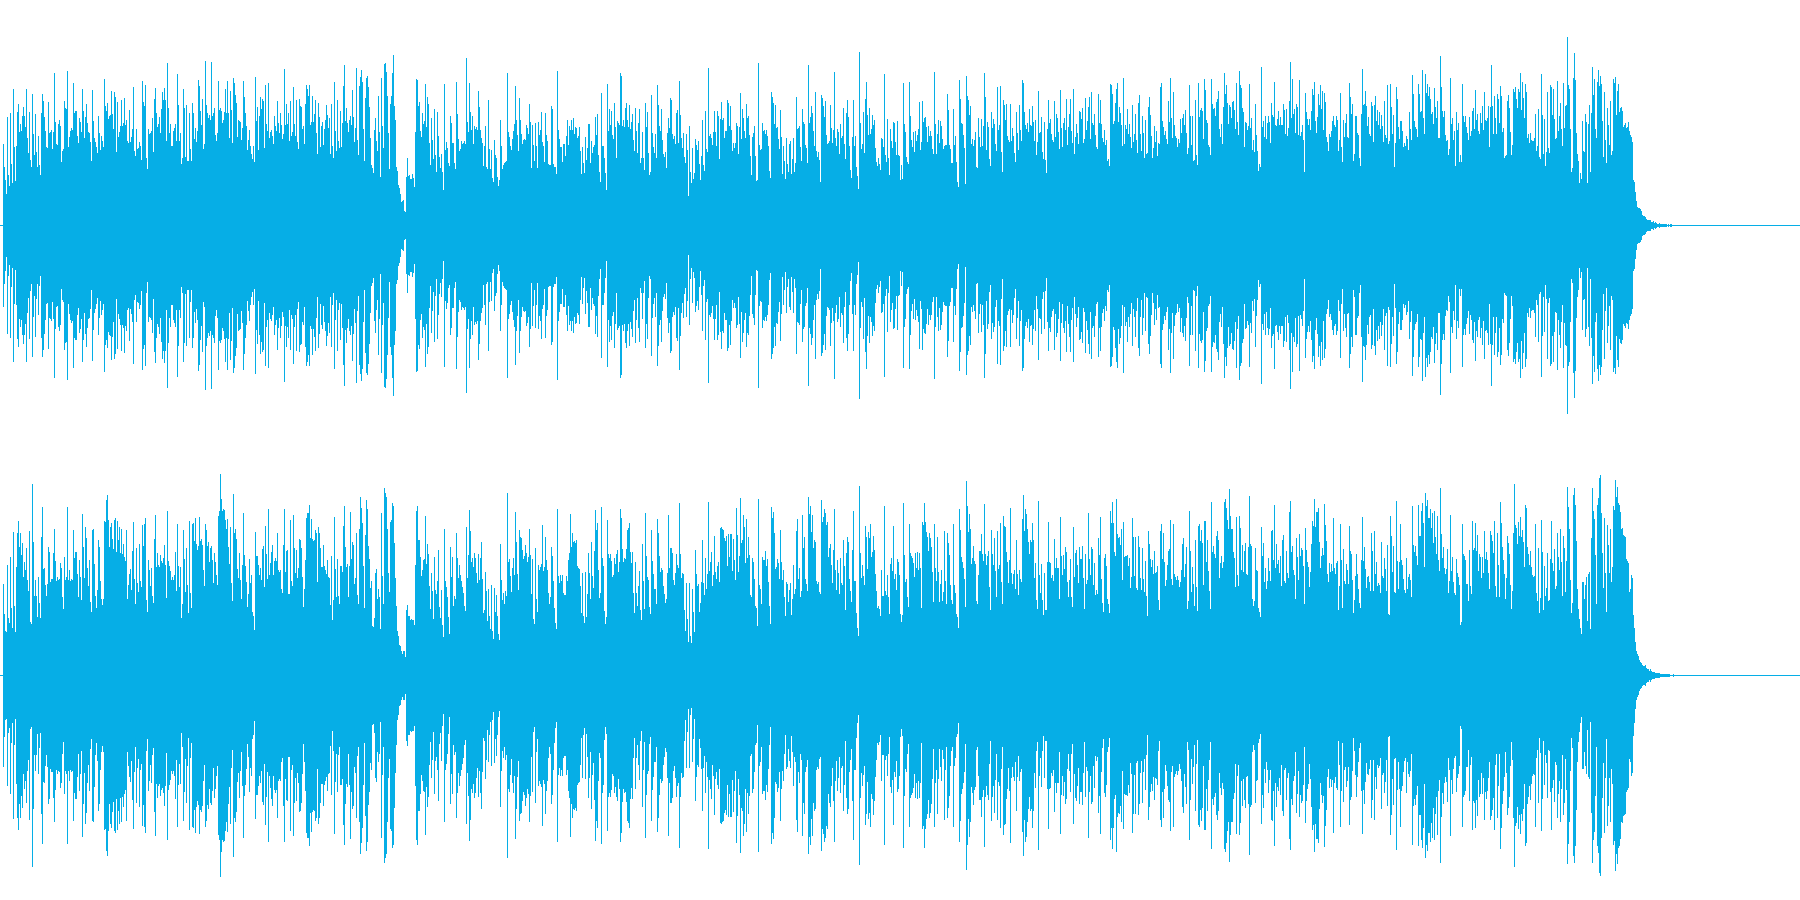 しなやかで力強いストレート・フュージョンの再生済みの波形